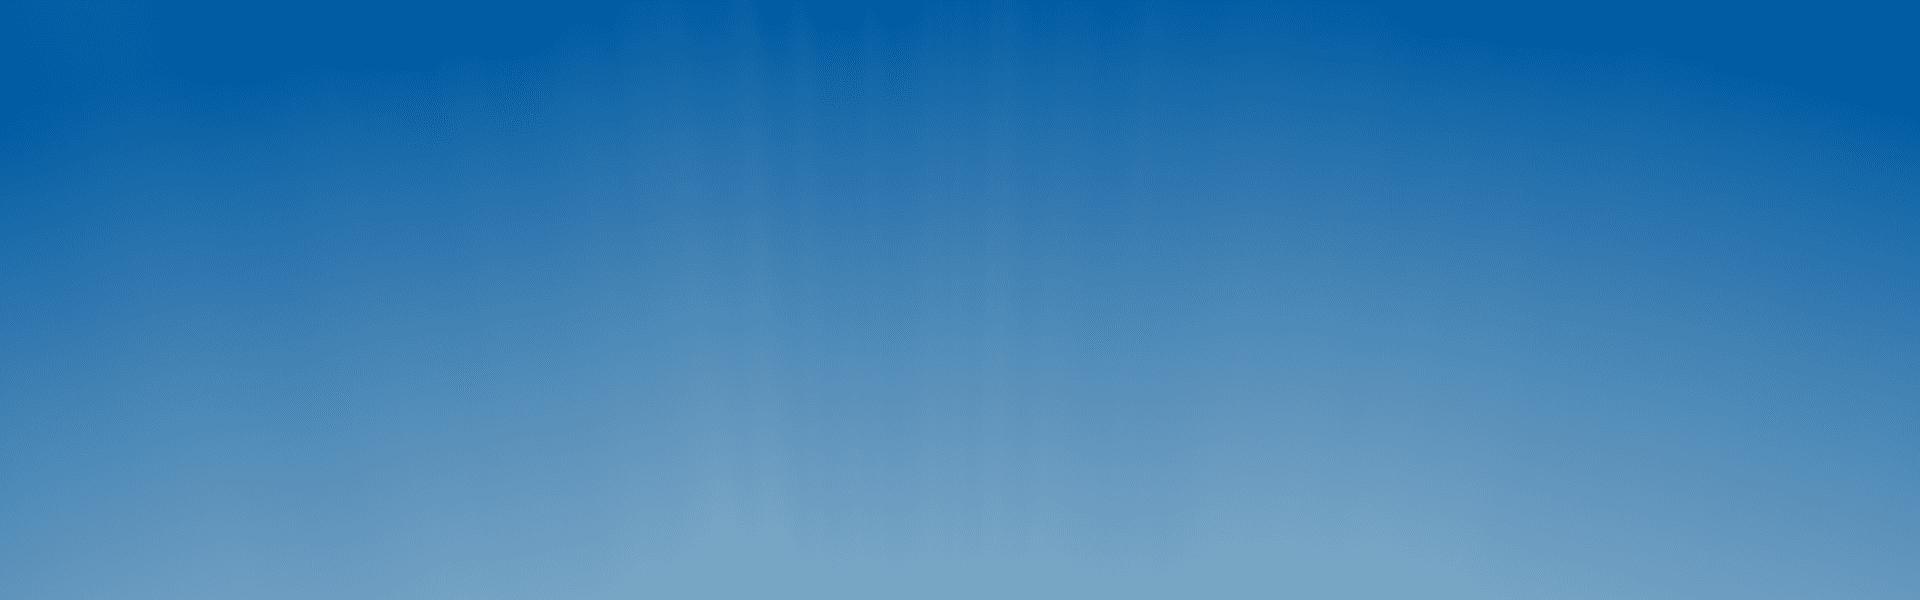 joomla-wordpress-drupal